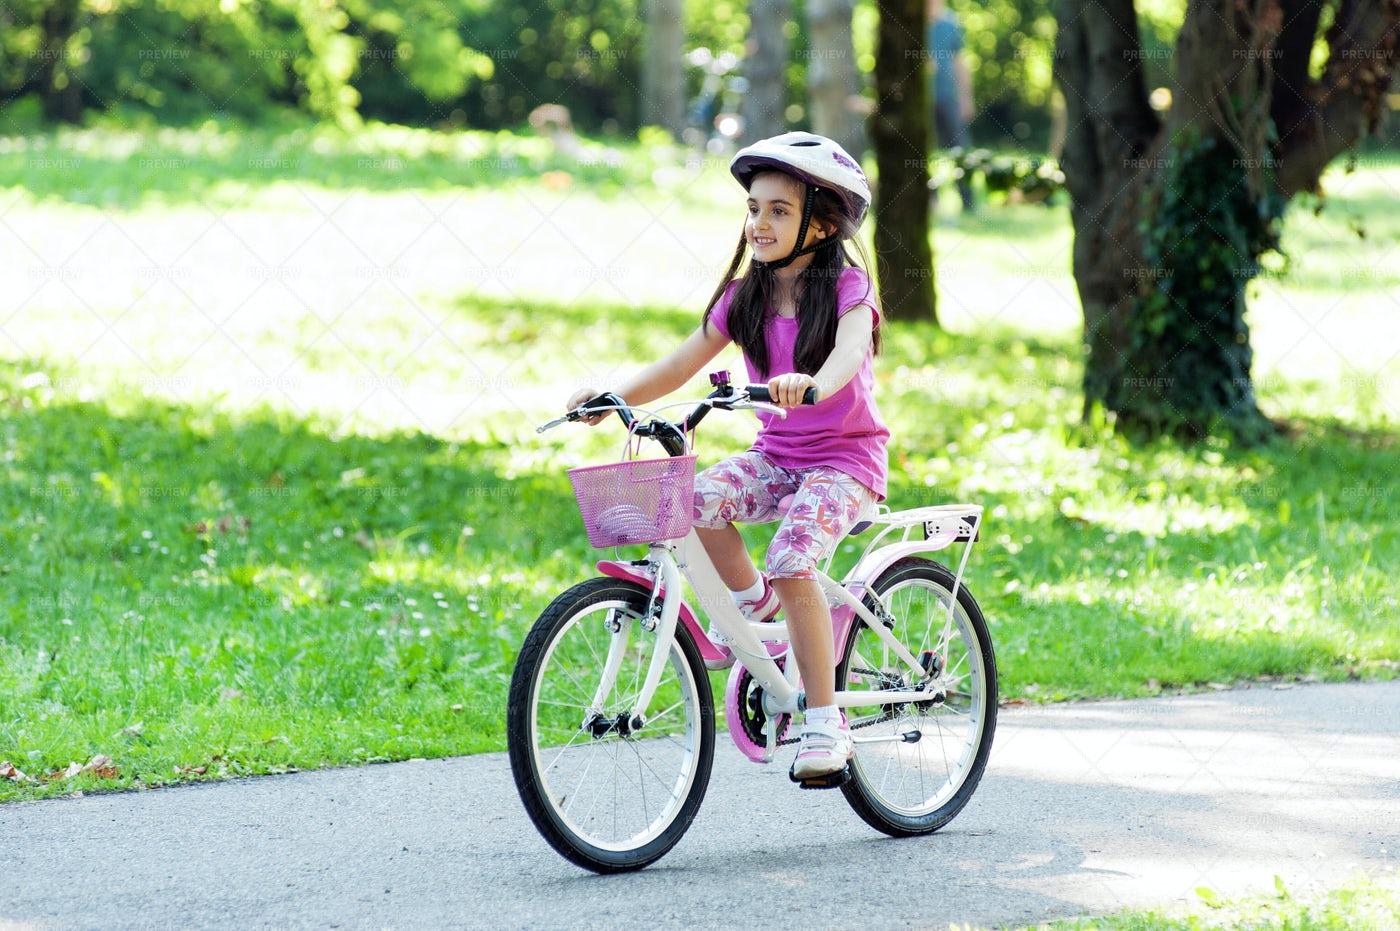 Girl Riding Her Bicycle: Stock Photos